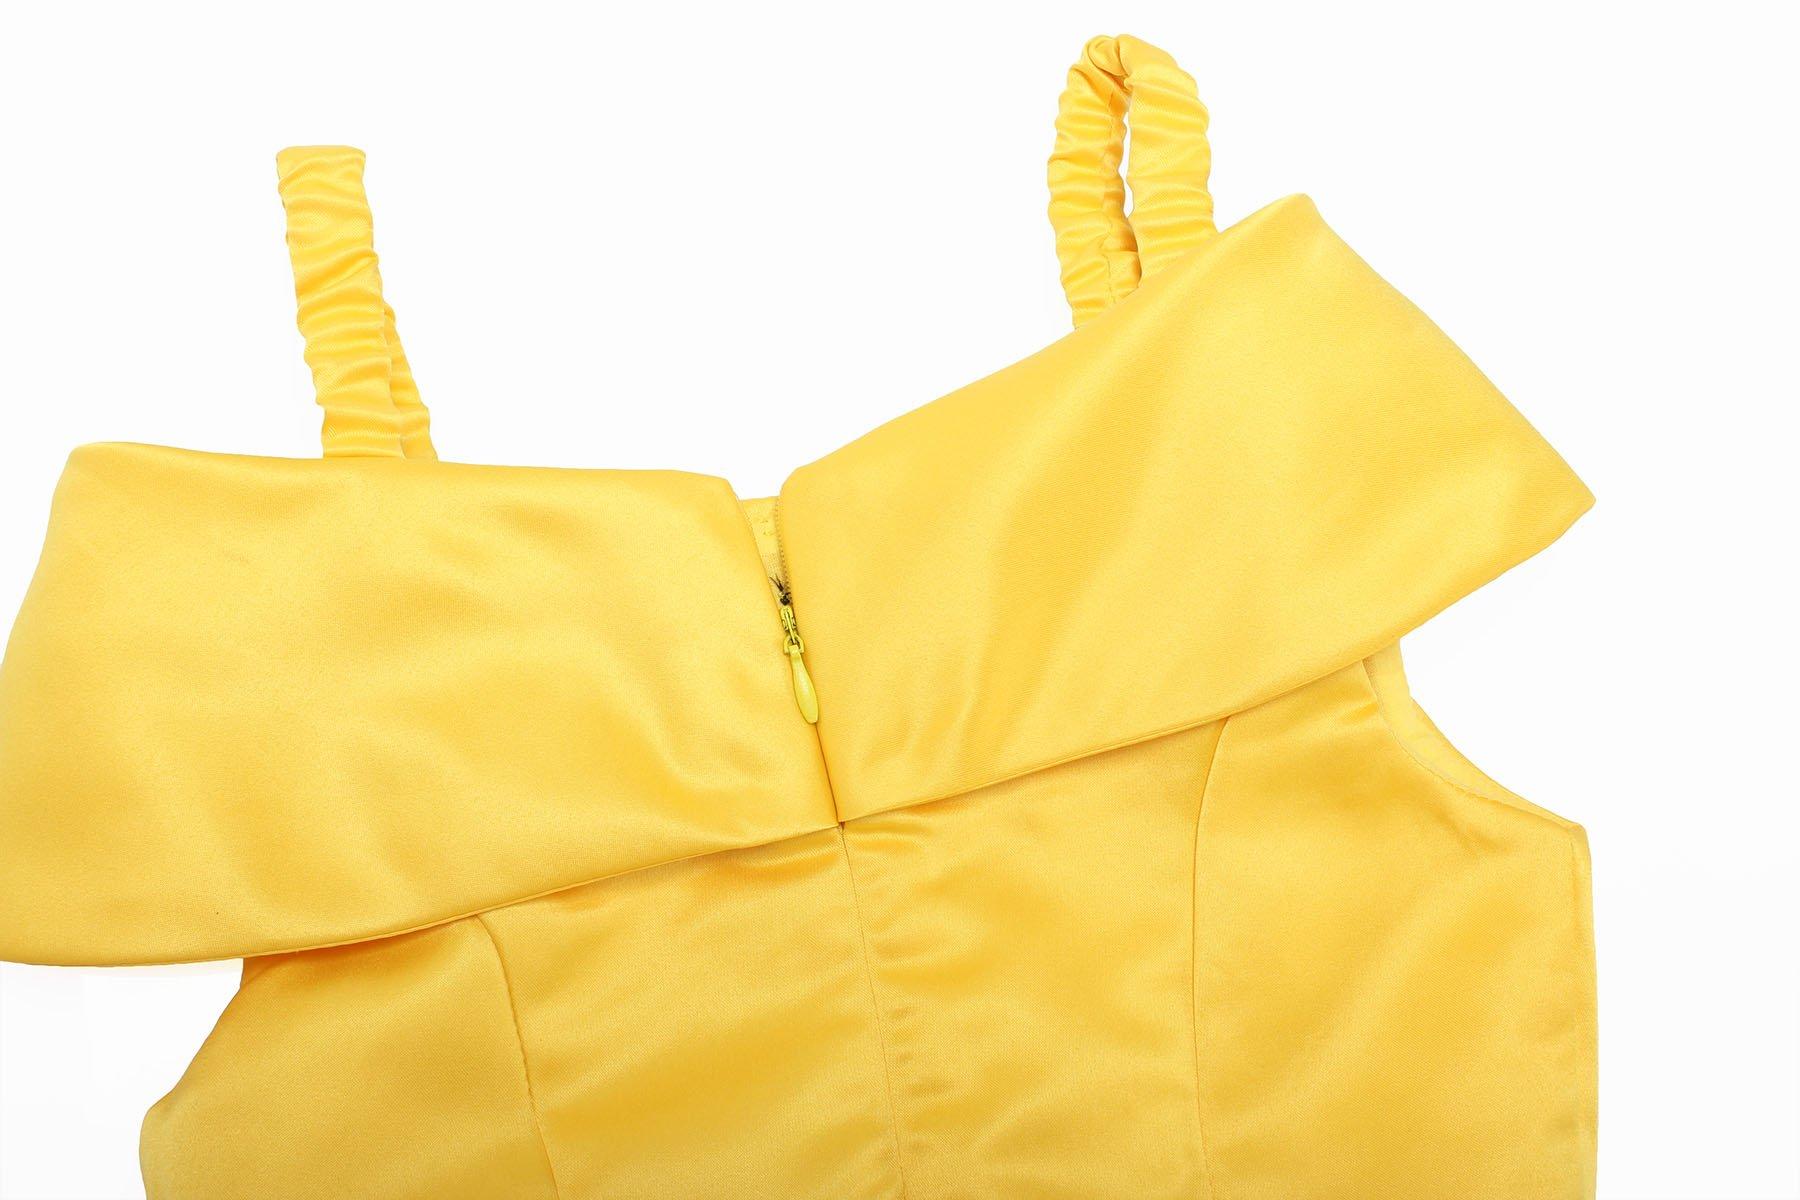 ReliBeauty Girls Dress Belle Cosplay Costume Ragazza Vestiti Abito Principessa Disney Costumi Vestire 4 spesavip